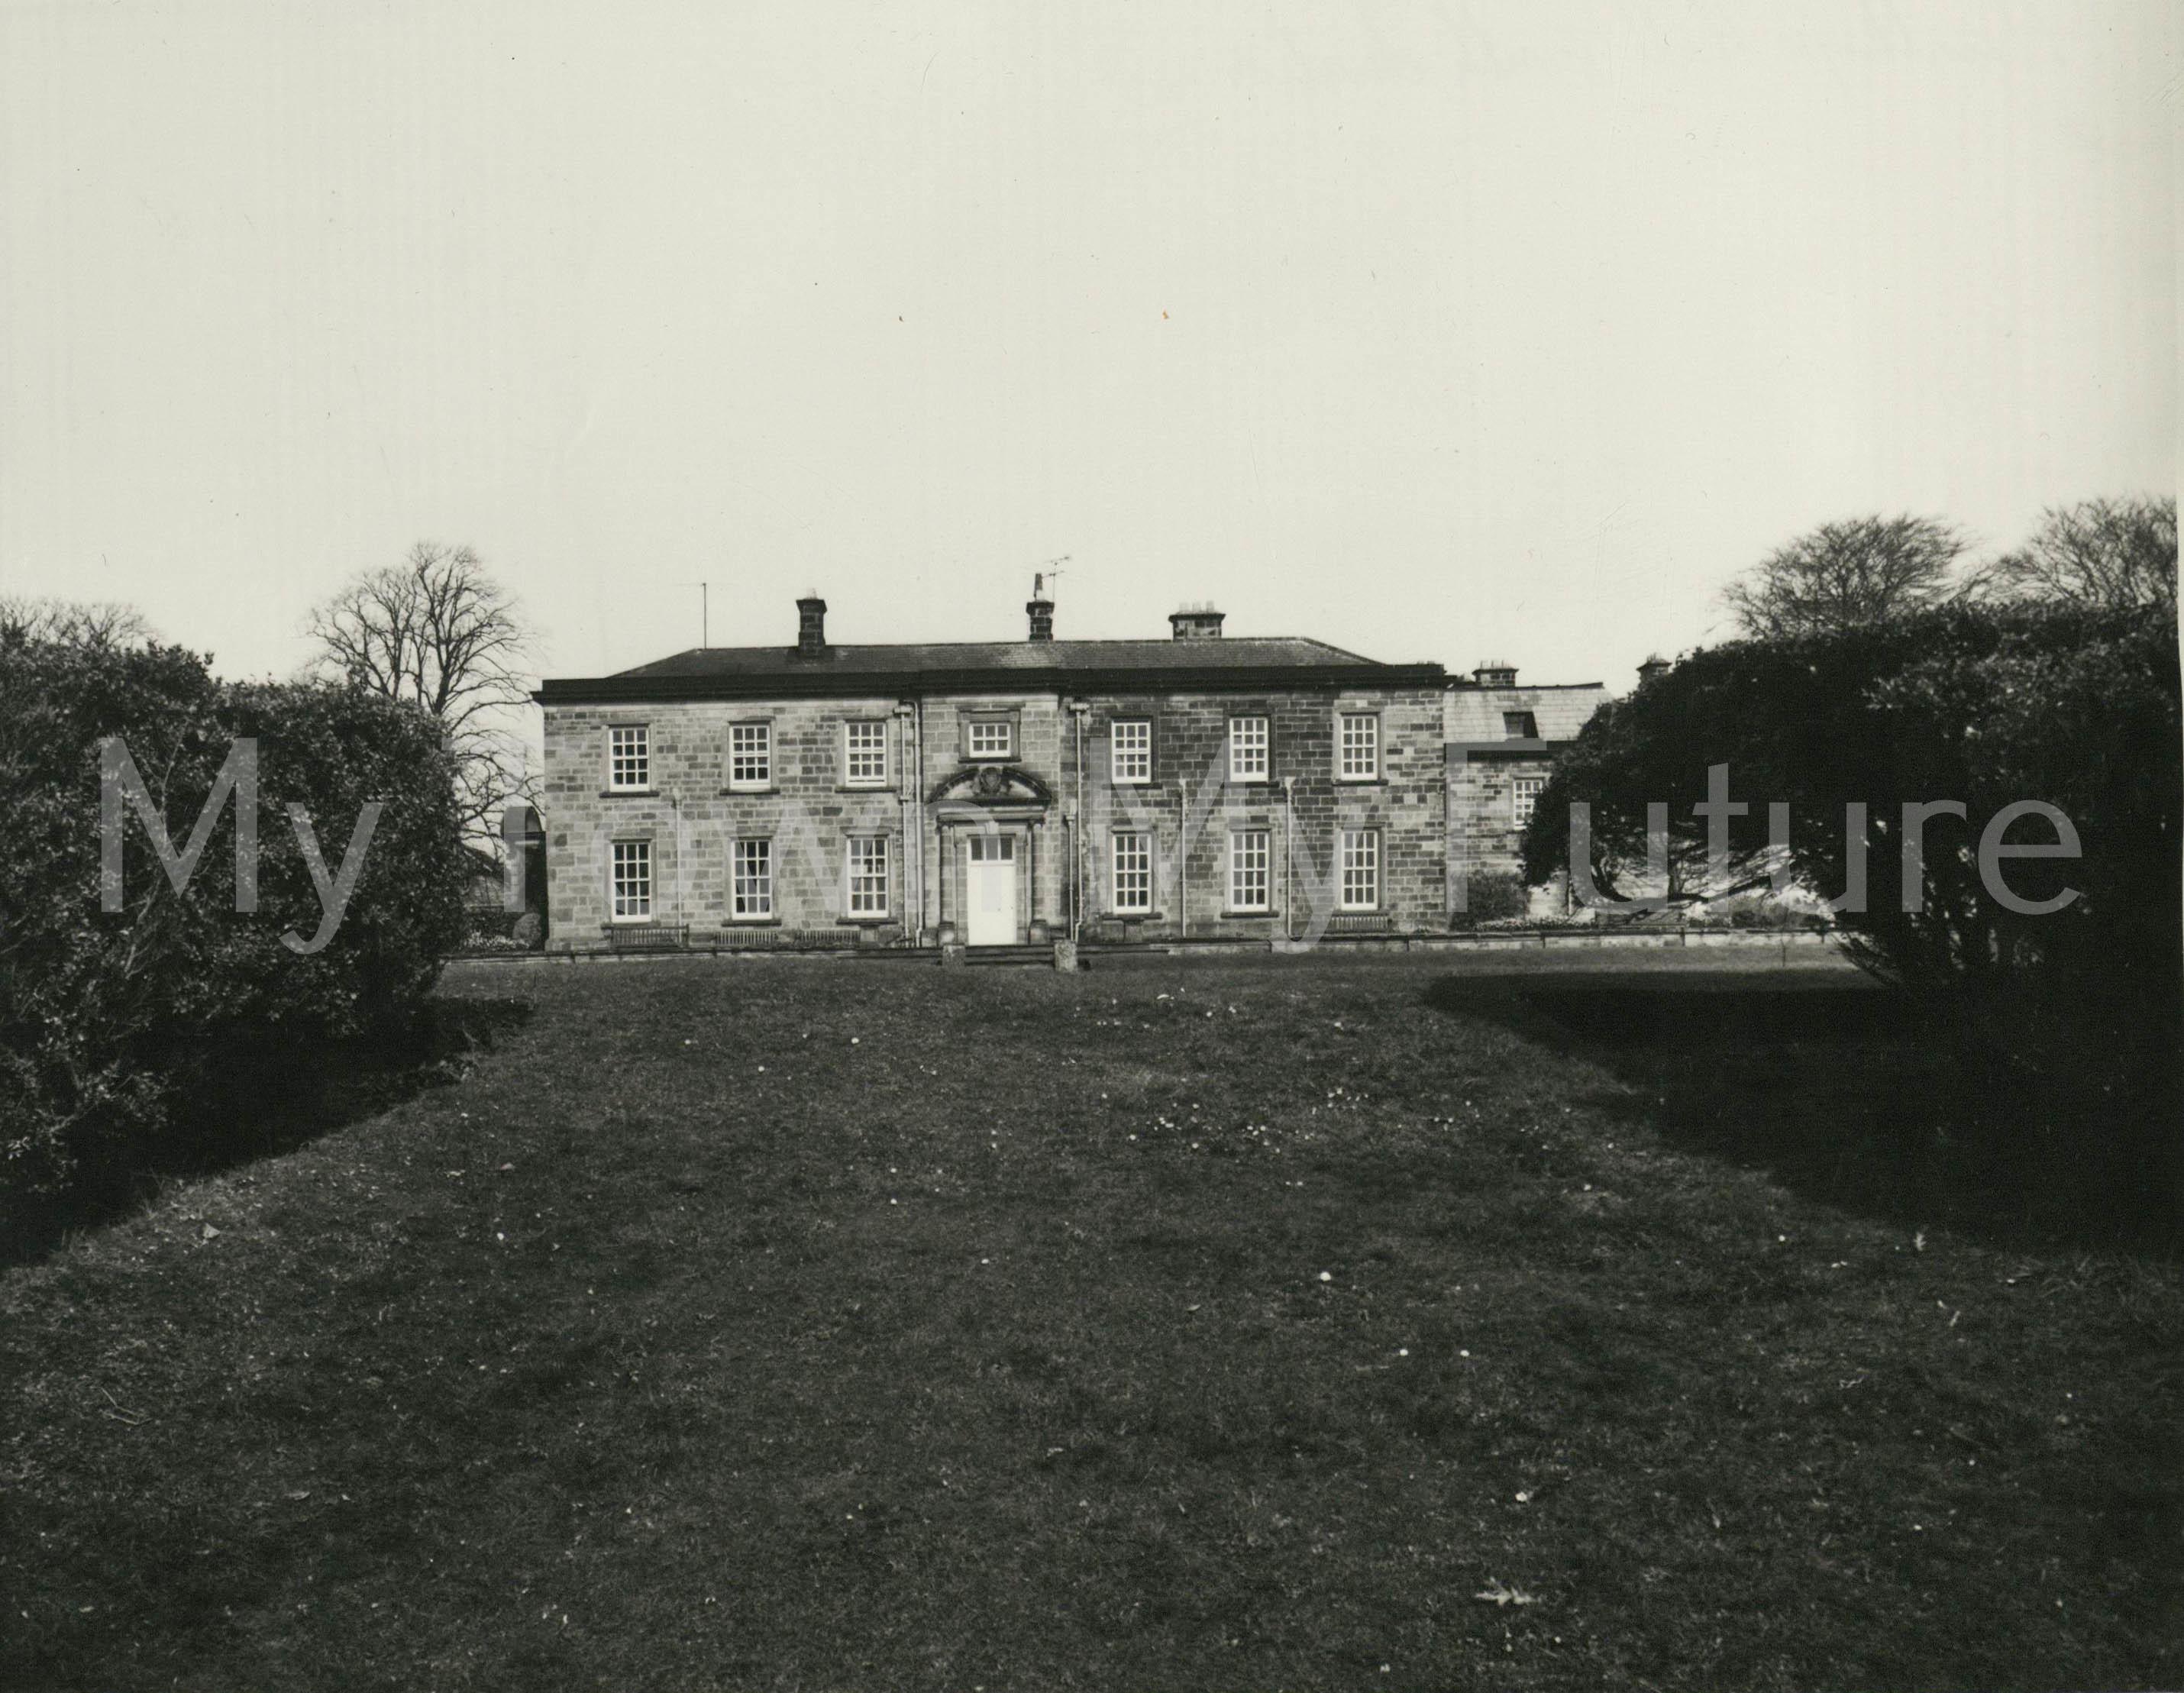 Nunthorpe Hall